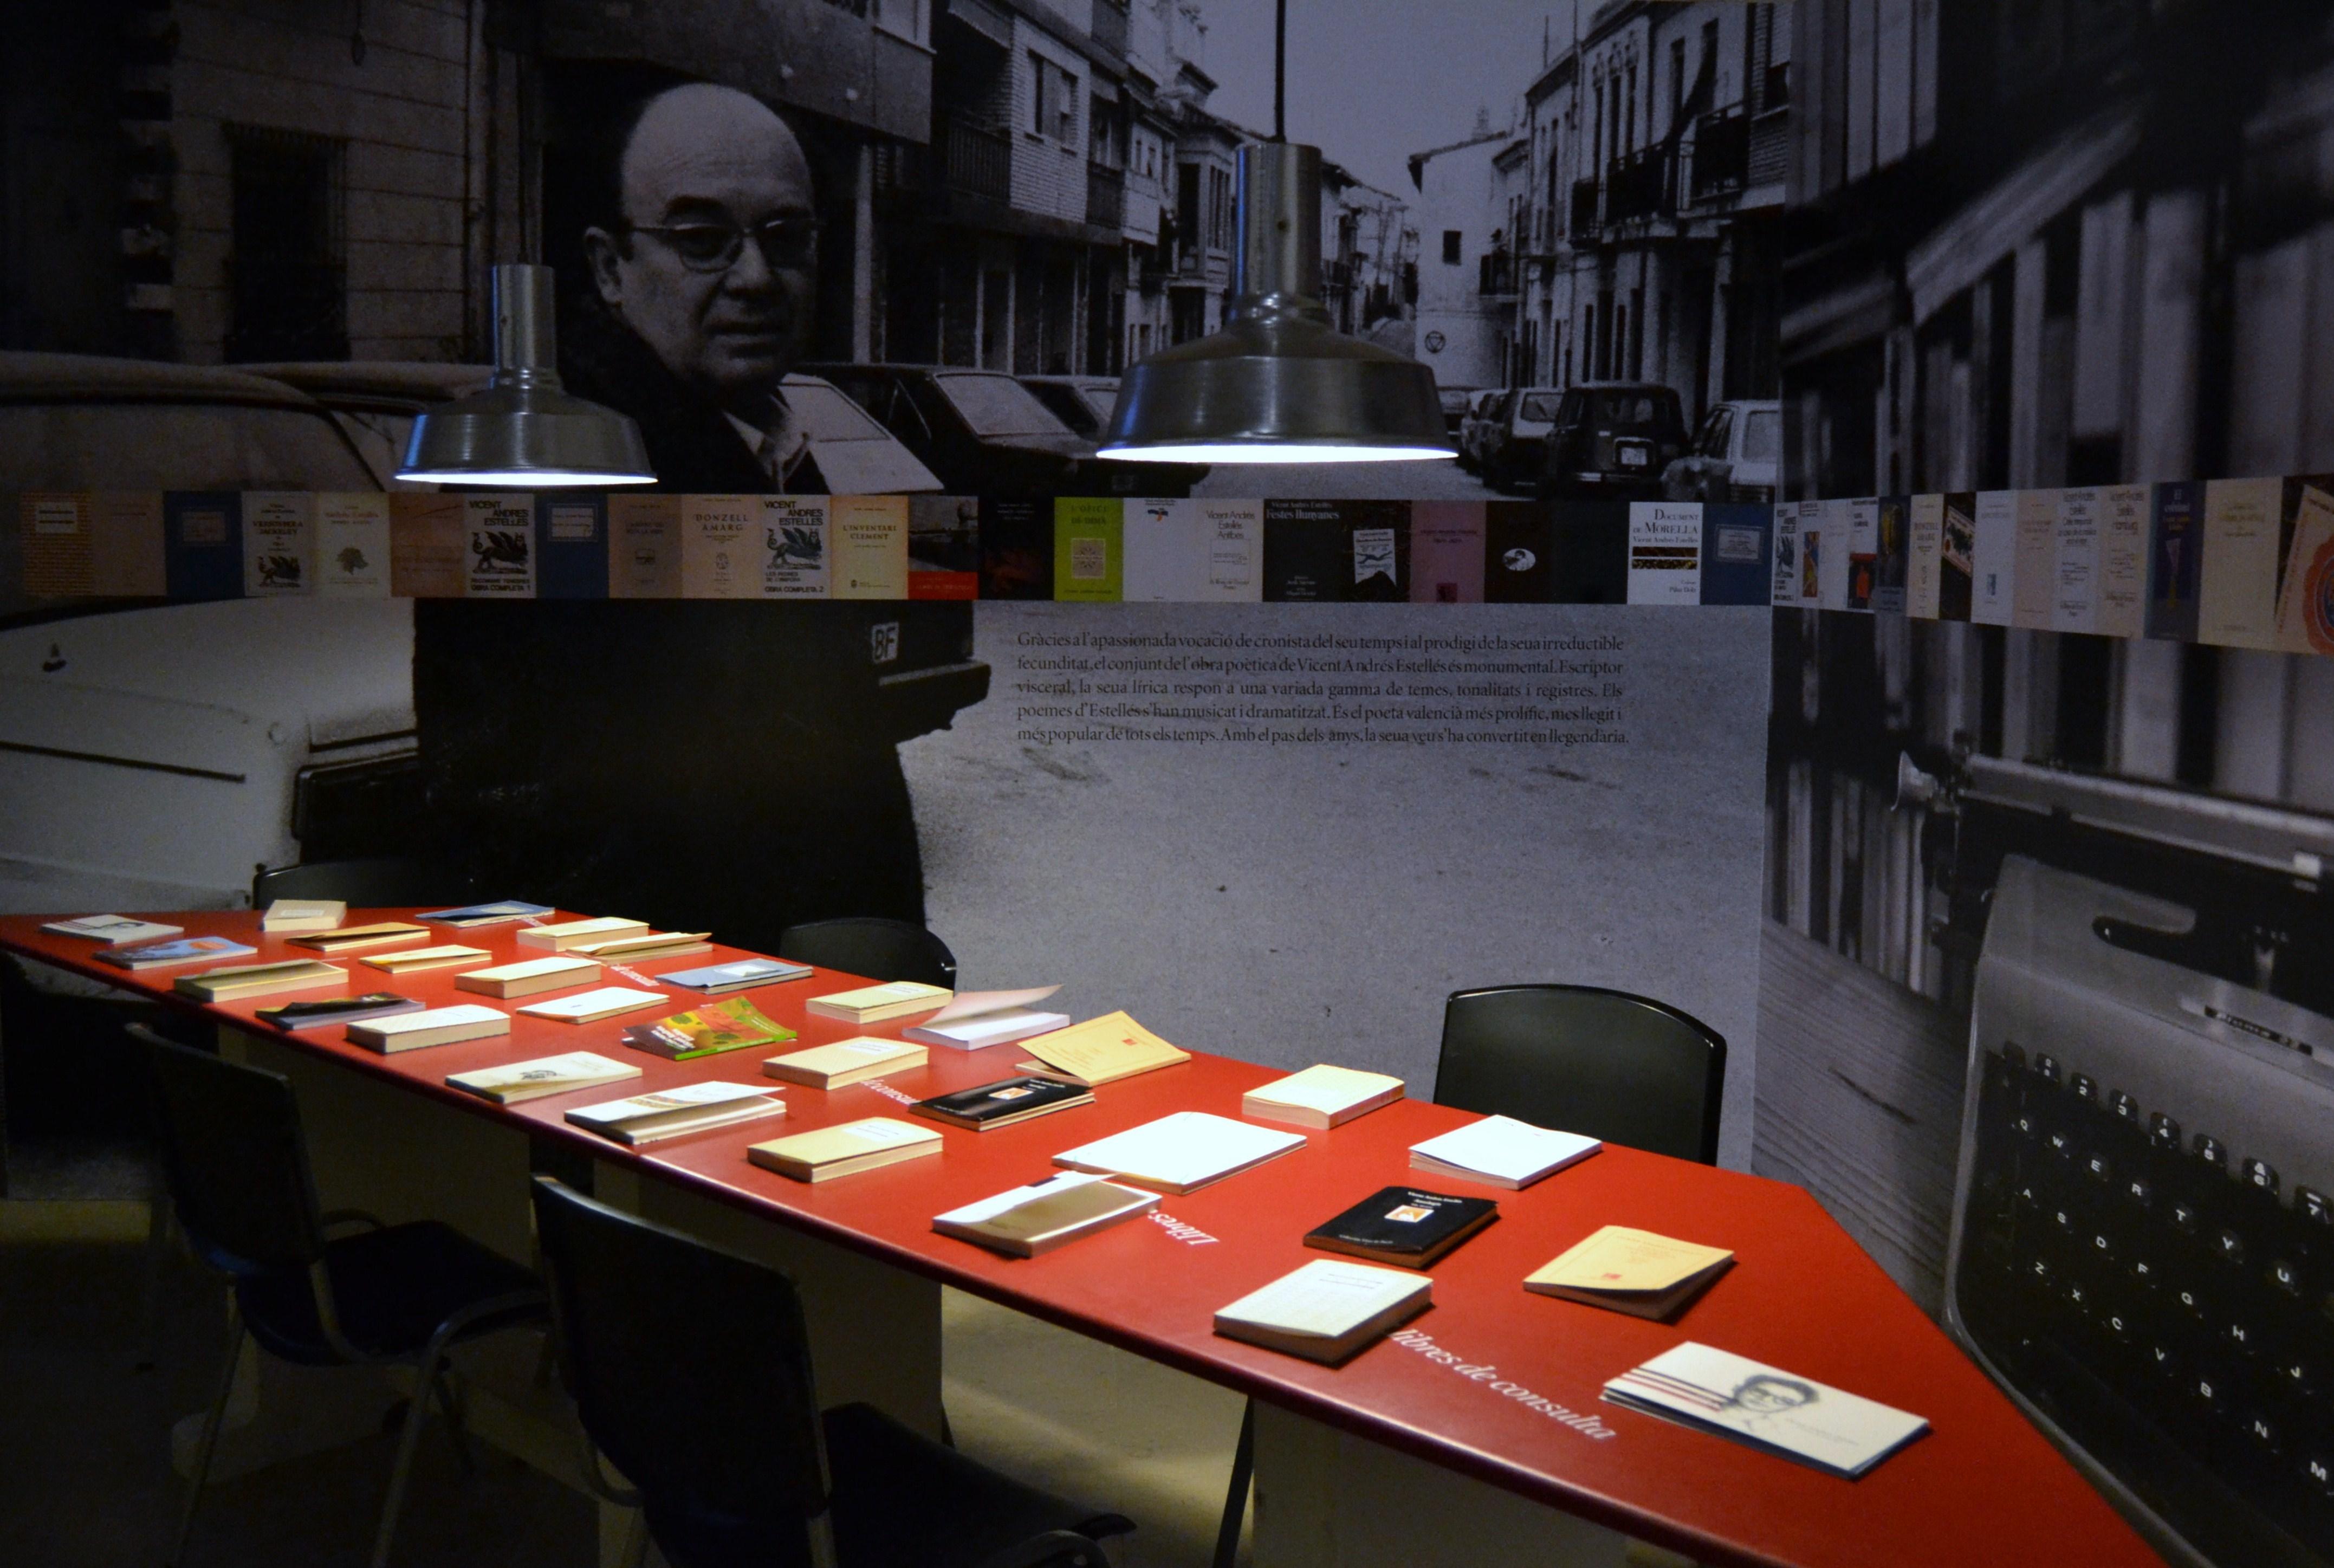 Exposición acerca de la vida y obra de Estellés en el Convento del Carmen, Valencia, 2013